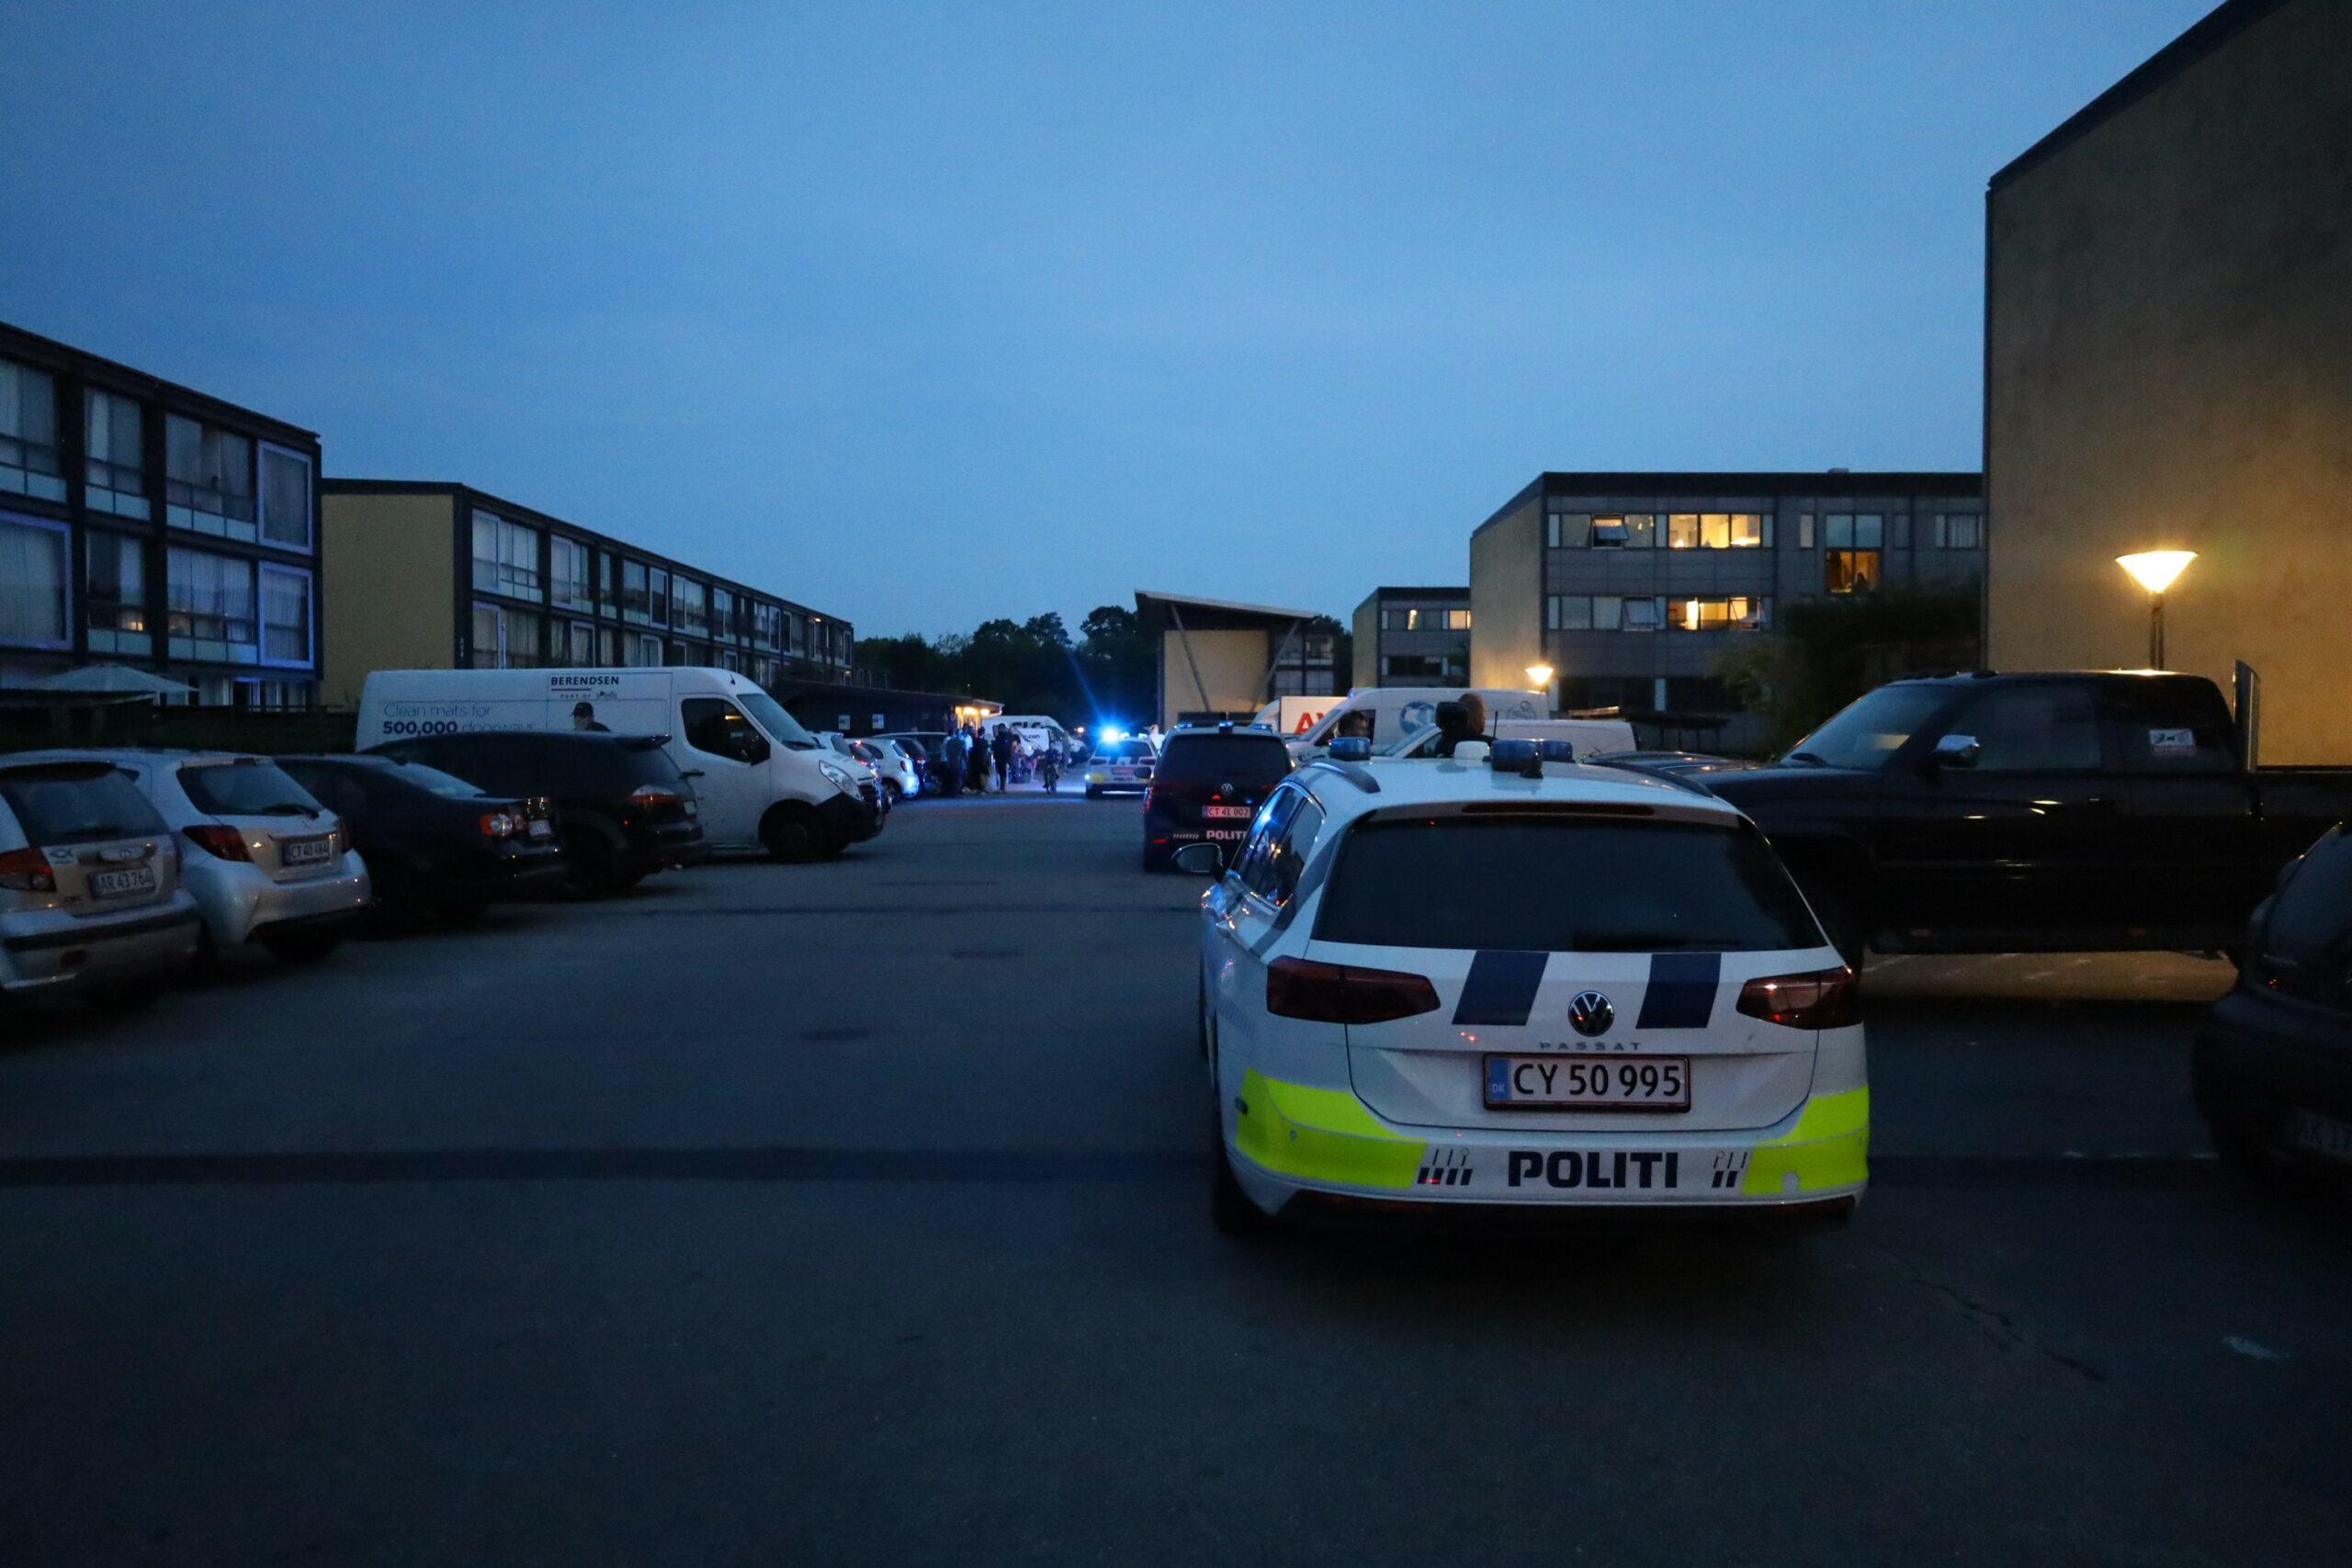 Politi talstærkt til stede i Kolding